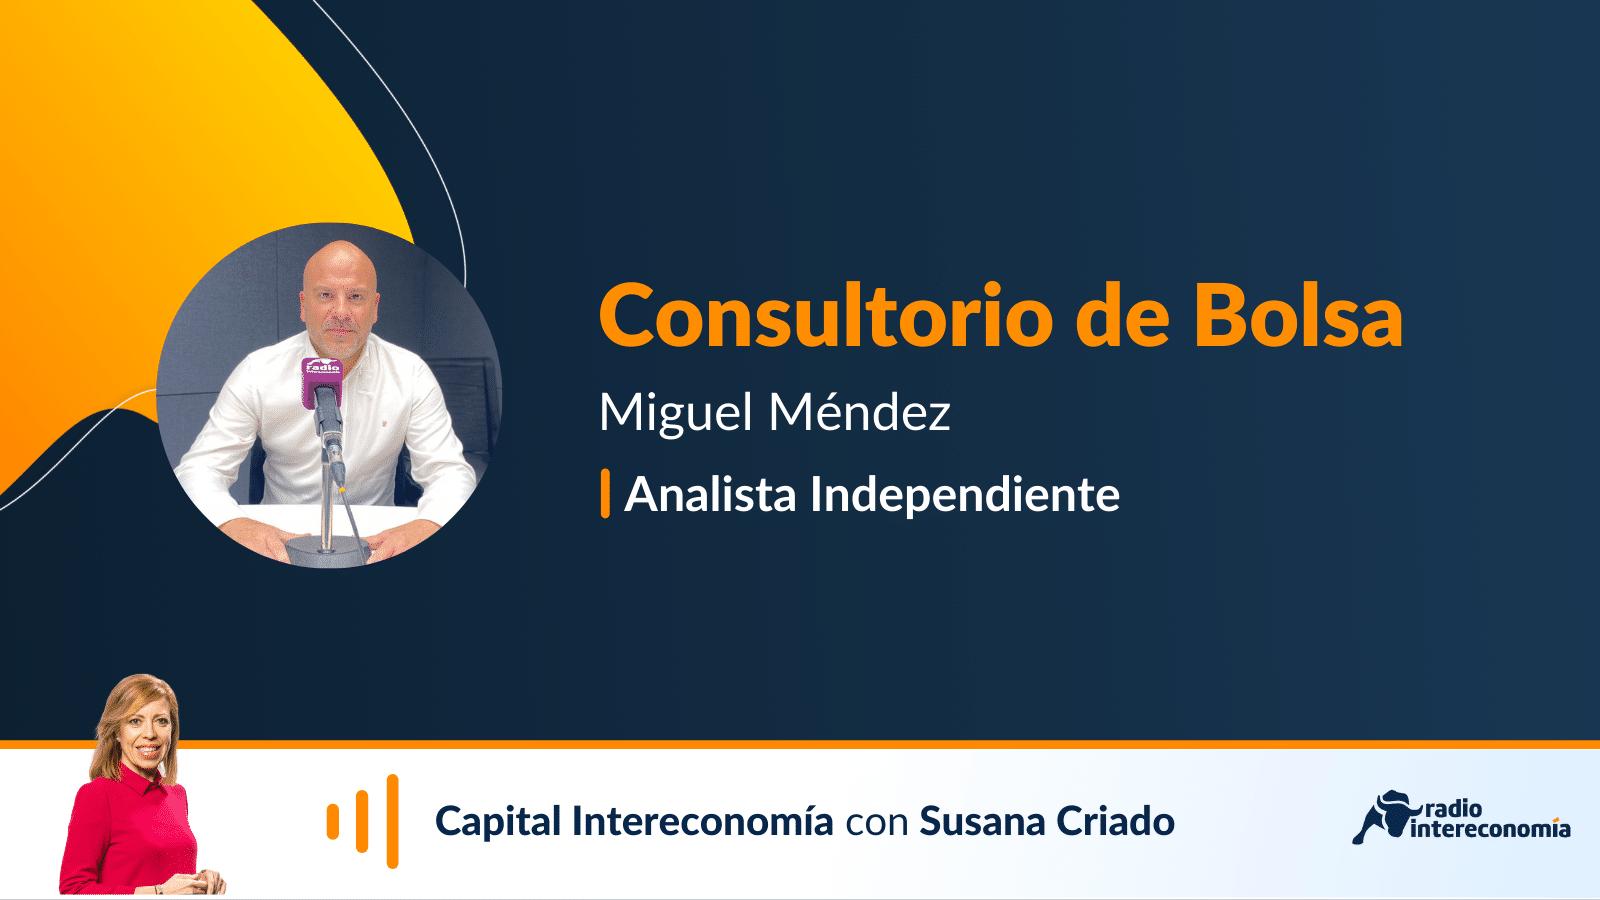 Consultorio de Bolsa con Miguel Méndez 20/10/2021